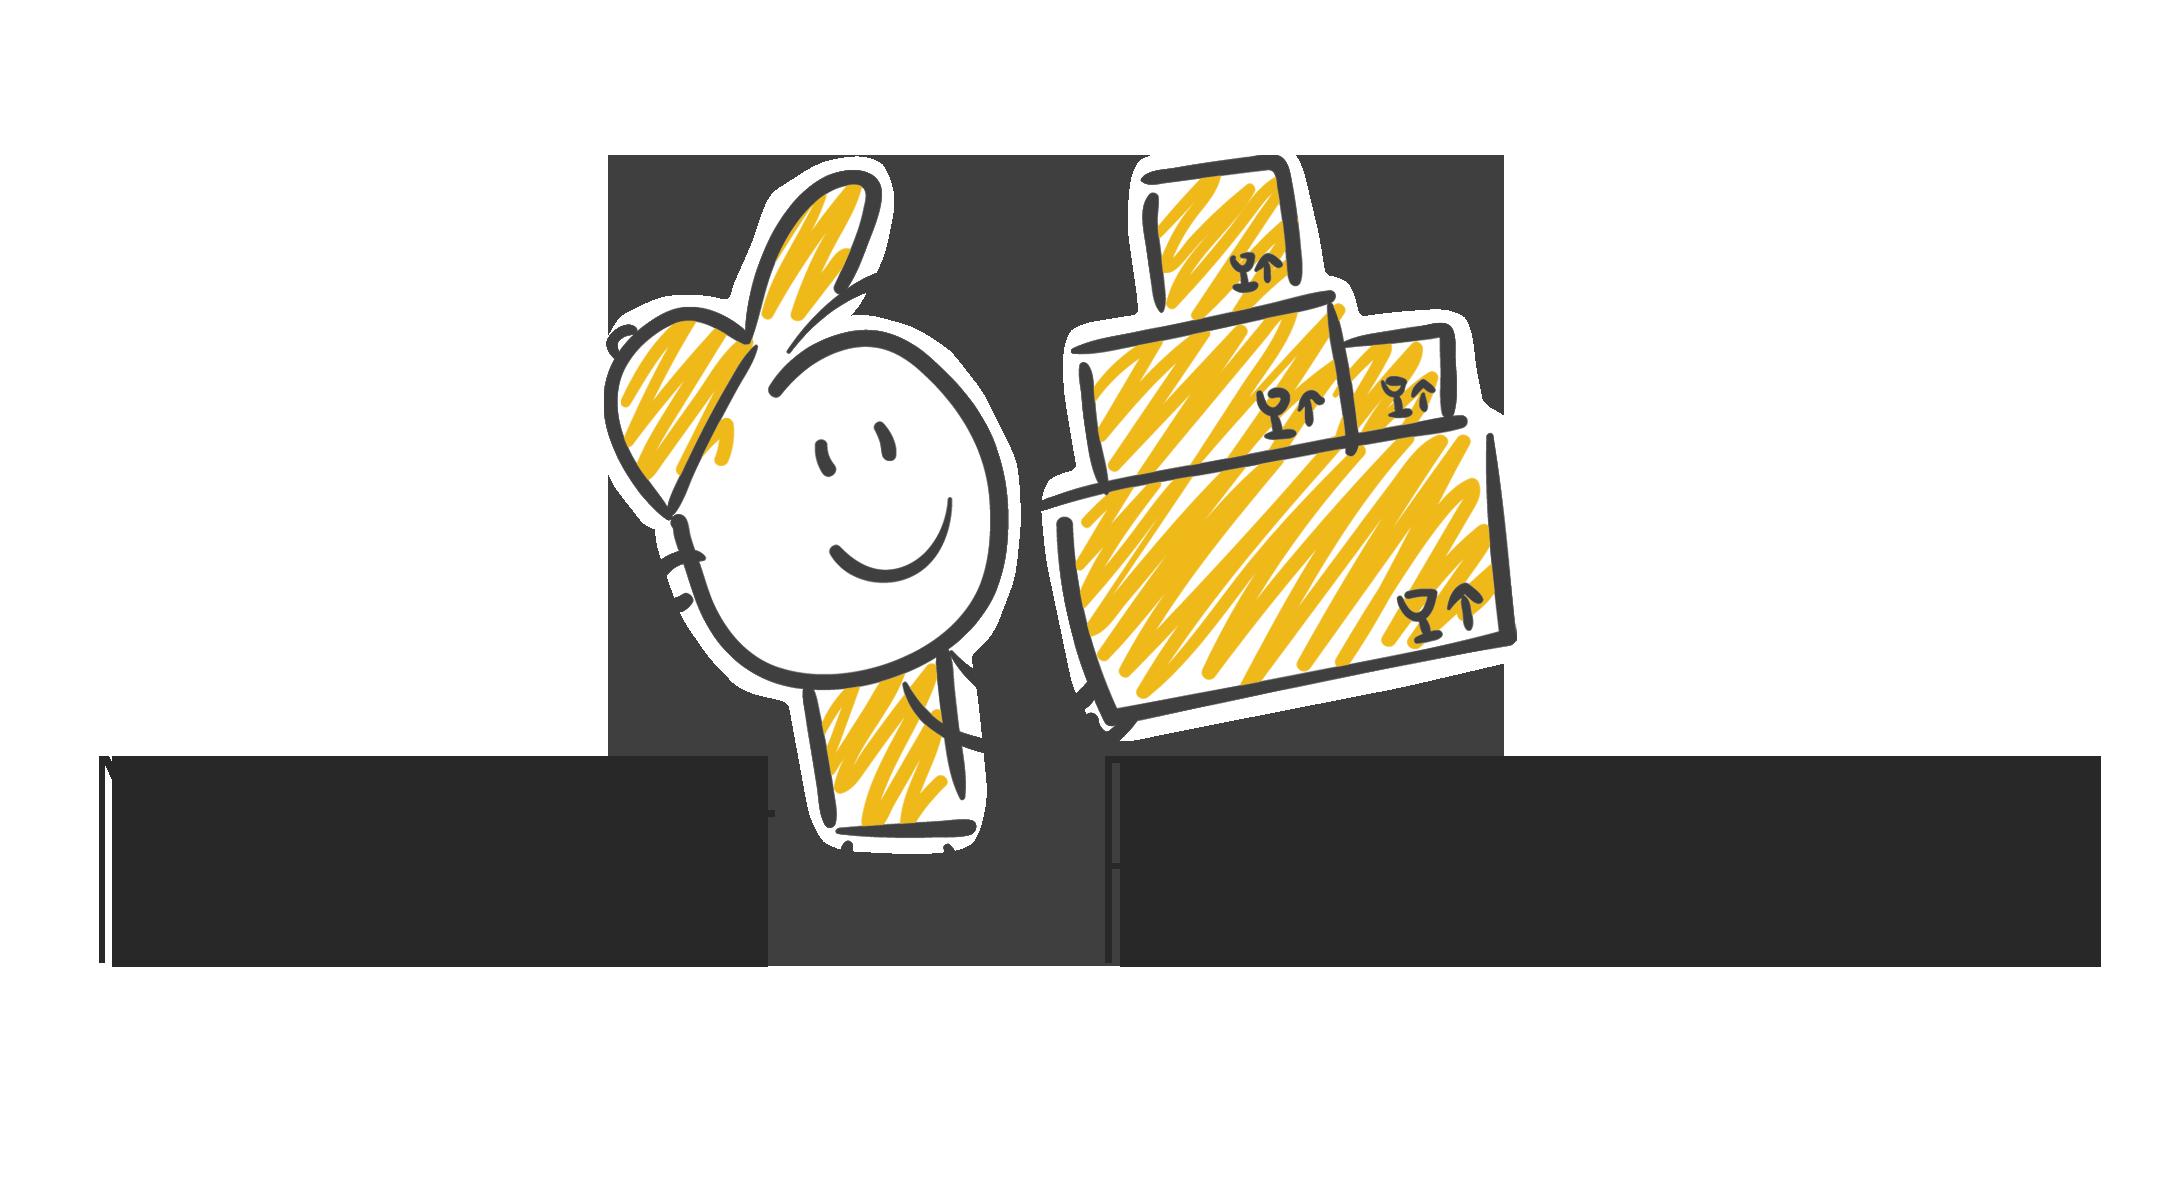 mister-postman.net